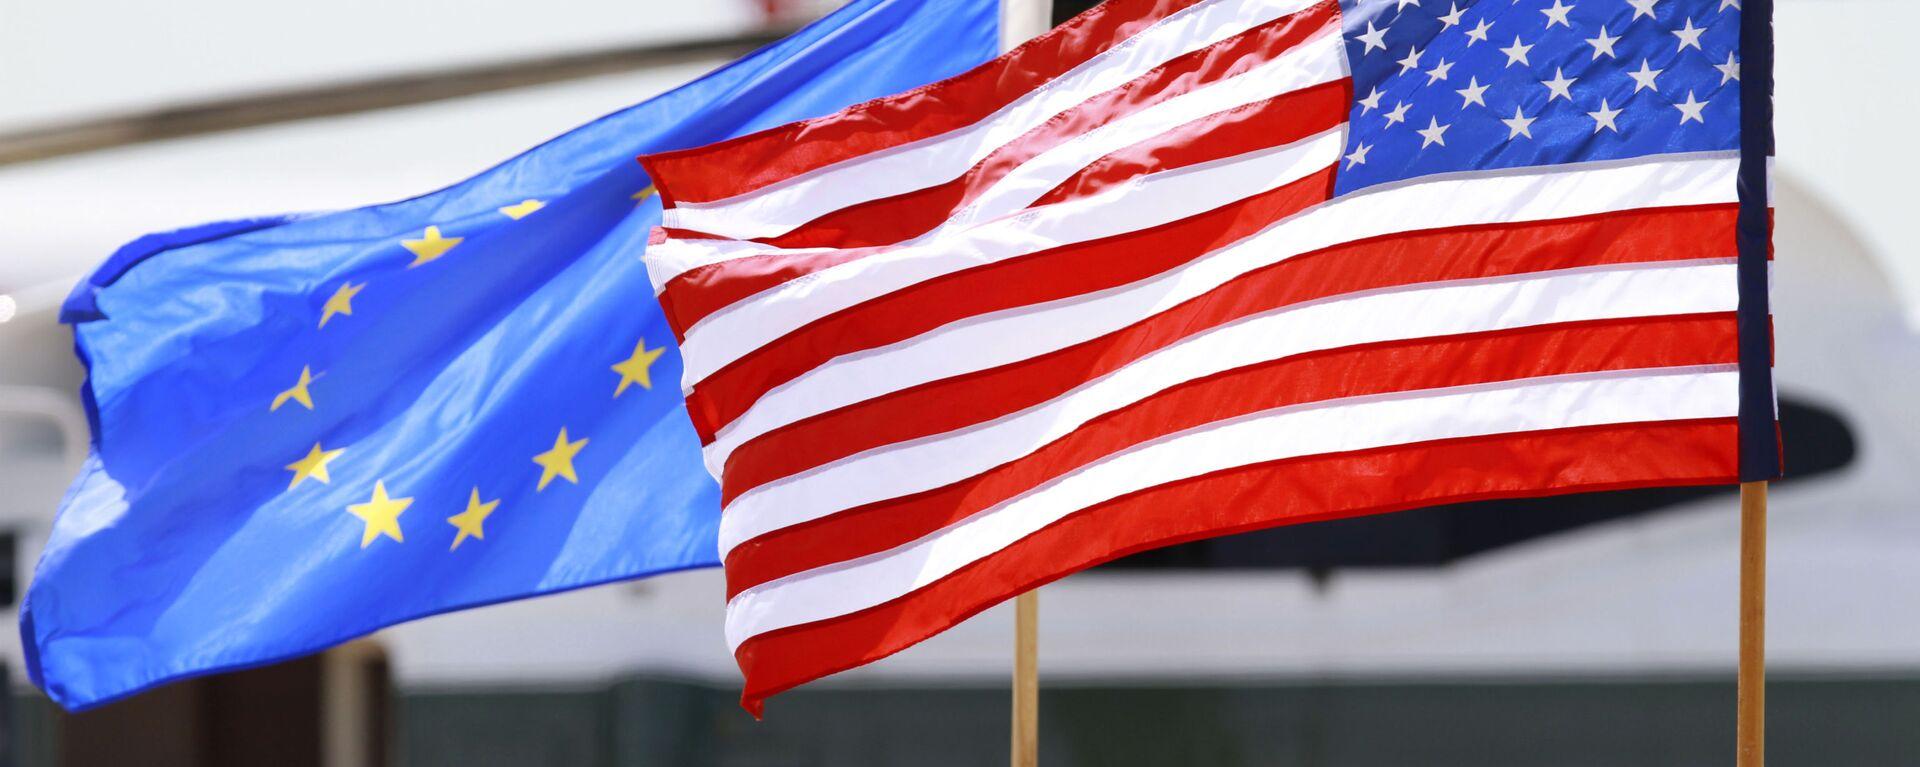 Σημαίες της ΕΕ και των ΗΠΑ.  - Sputnik Ελλάδα, 1920, 21.09.2021